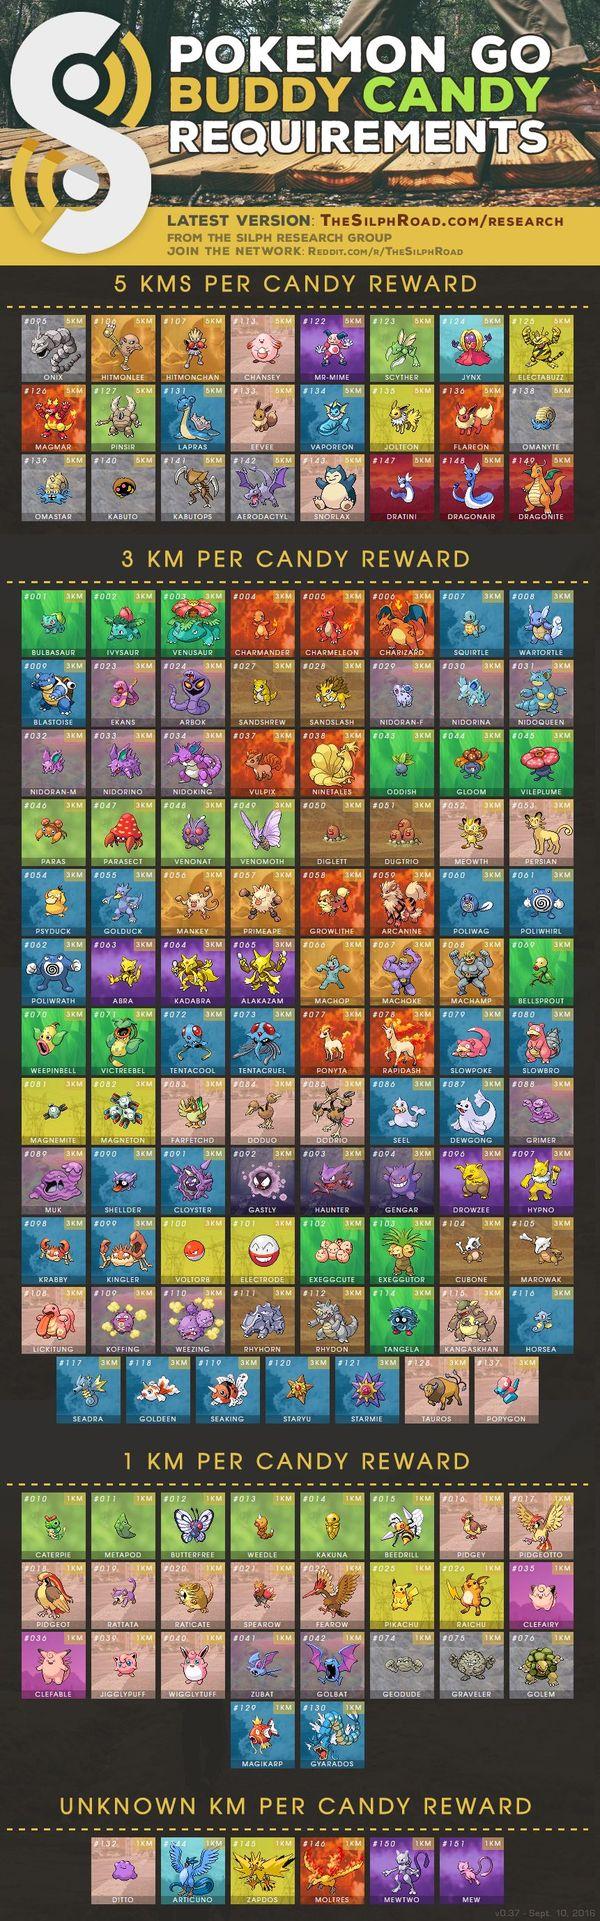 Pokemon GO Buddy - таблица конфет и размеров покемонов